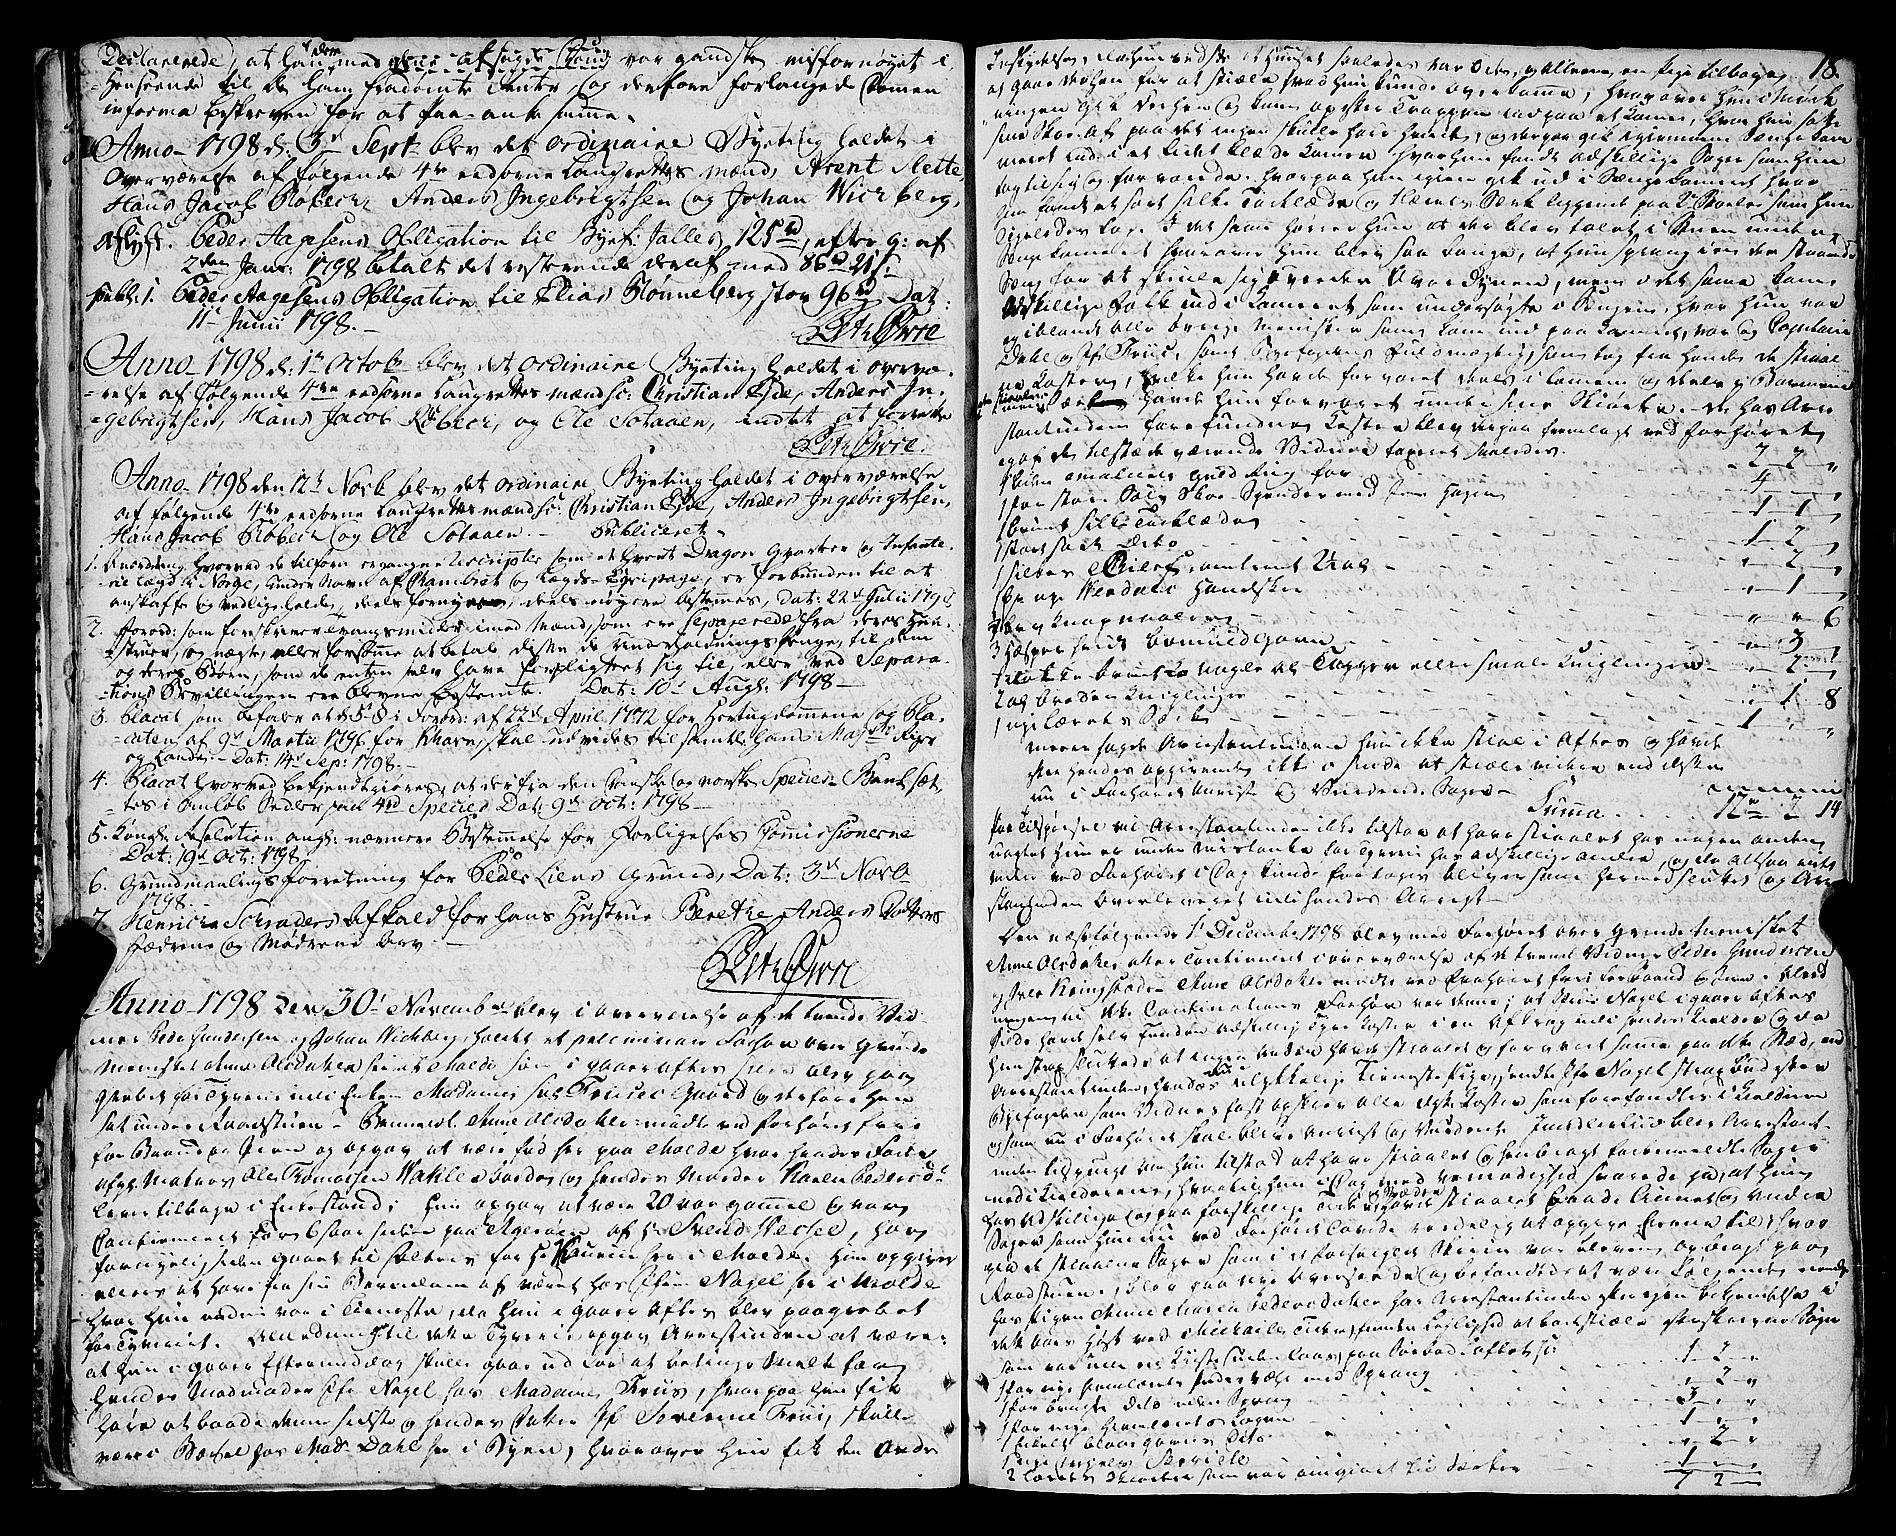 SAT, Molde byfogd, 1/1A/L0002: Justisprotokoll, 1797-1831, s. 17b-18a